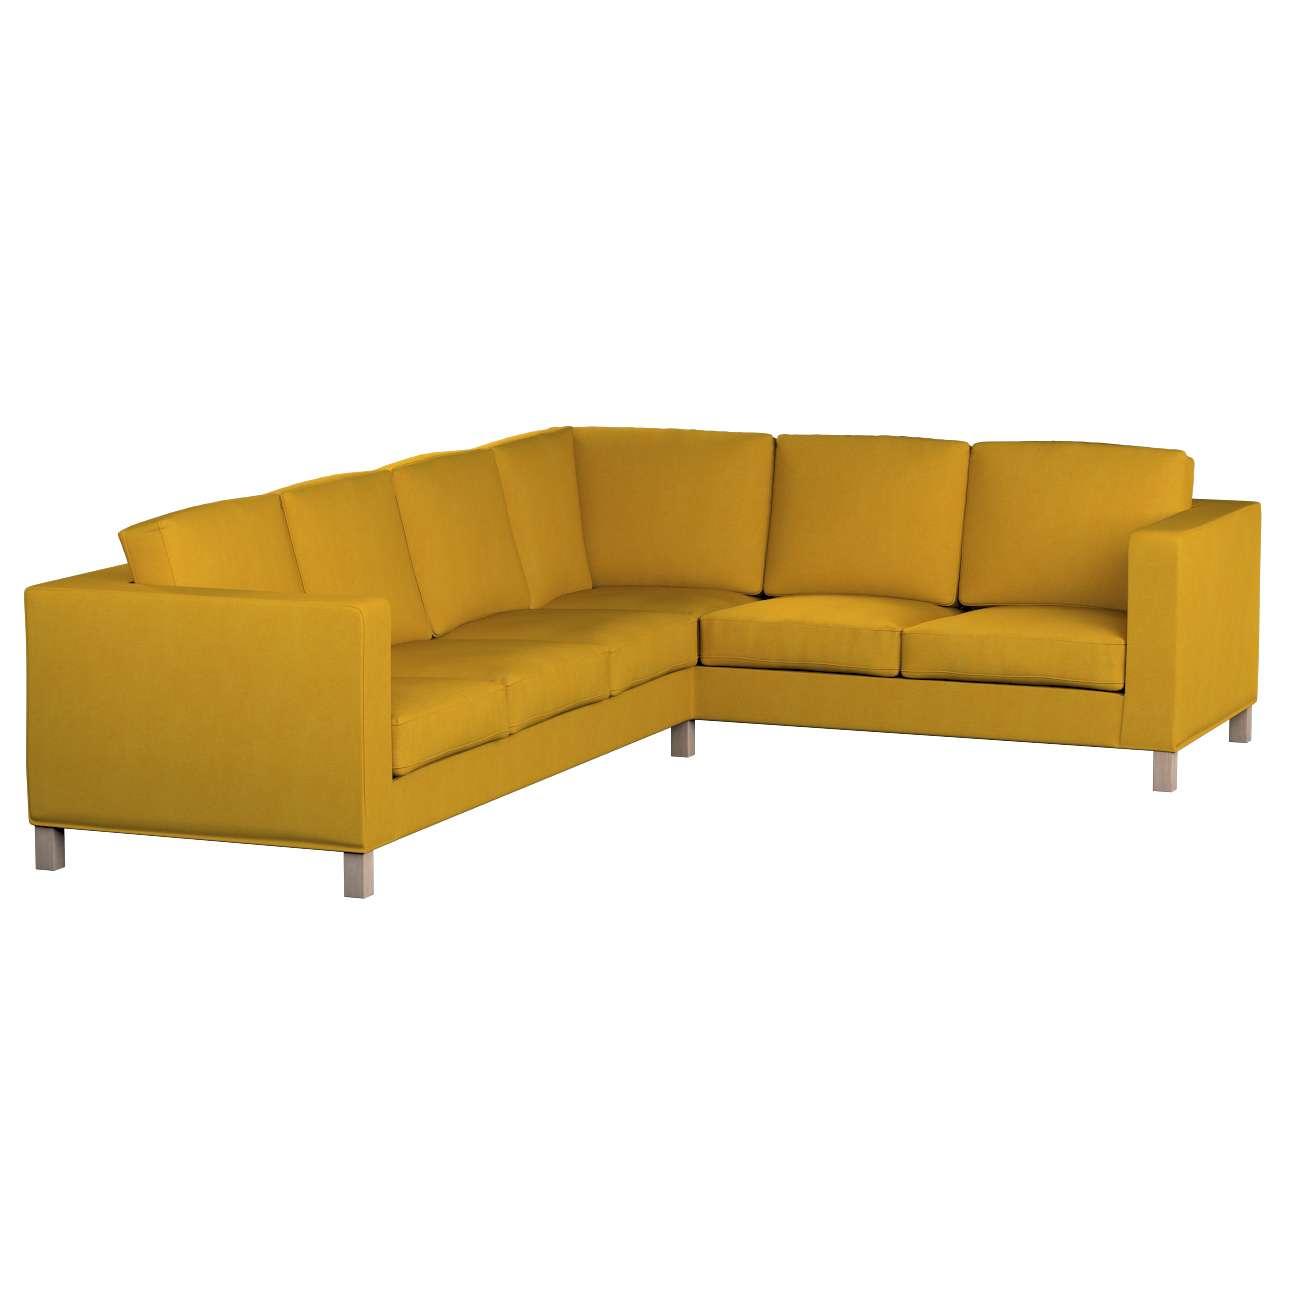 Pokrowiec na sofę narożną lewostronną Karlanda Sofa narożna lewostronna Karlanda w kolekcji Etna , tkanina: 705-04